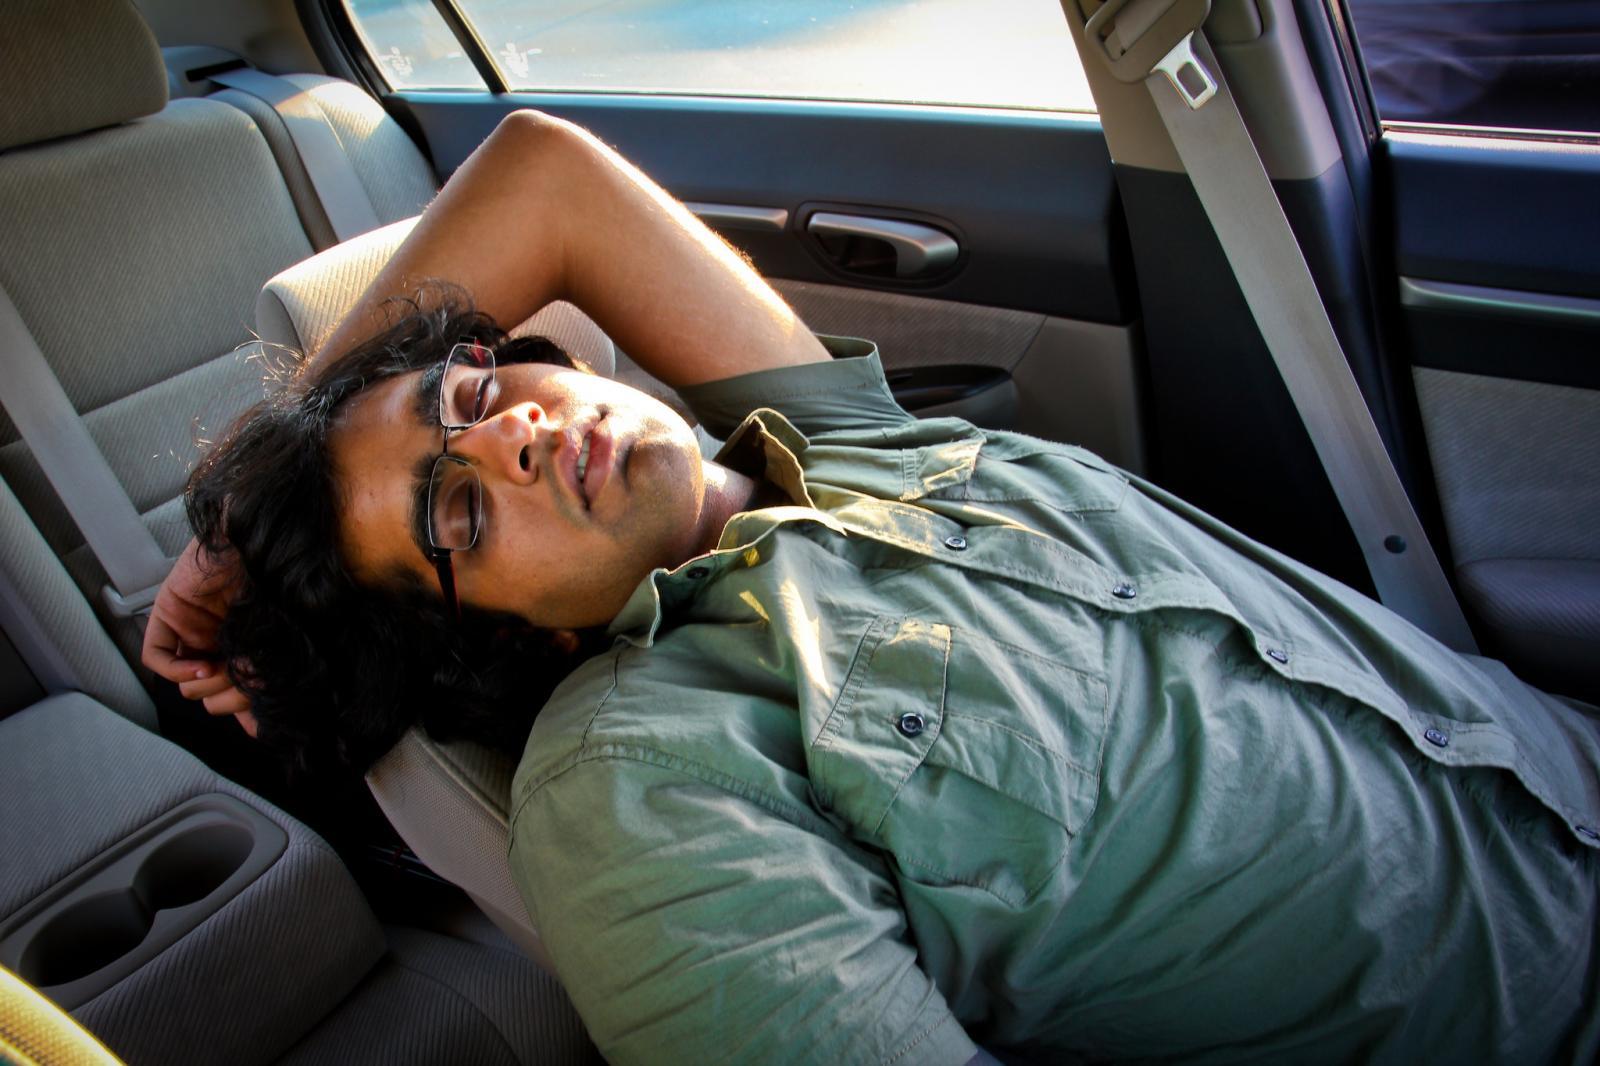 Medicamentos y conduccion: Hombre dormido